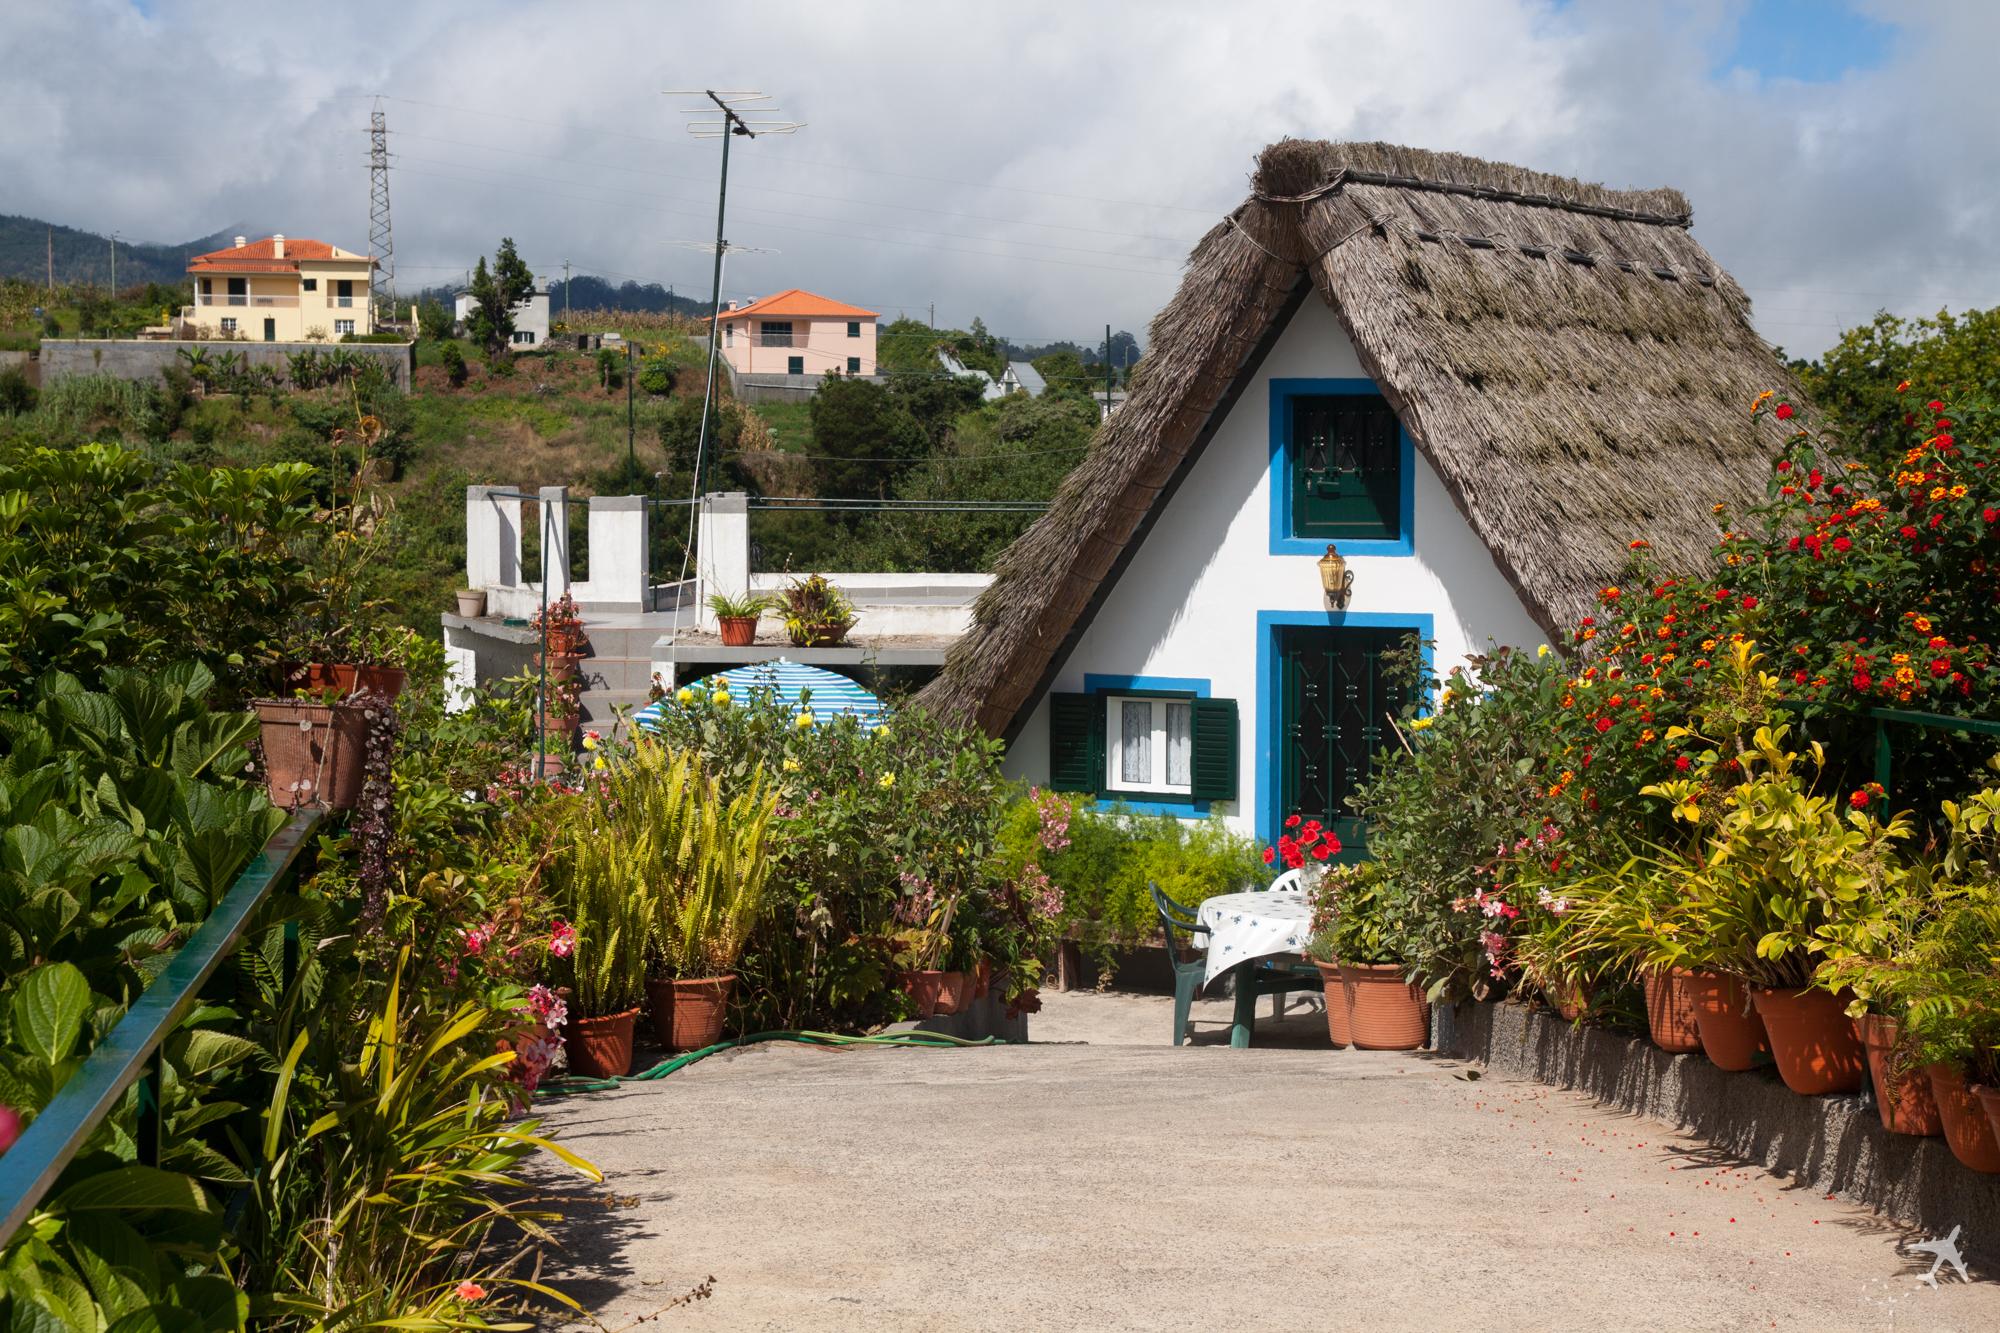 Santana, Madeira, Portugal